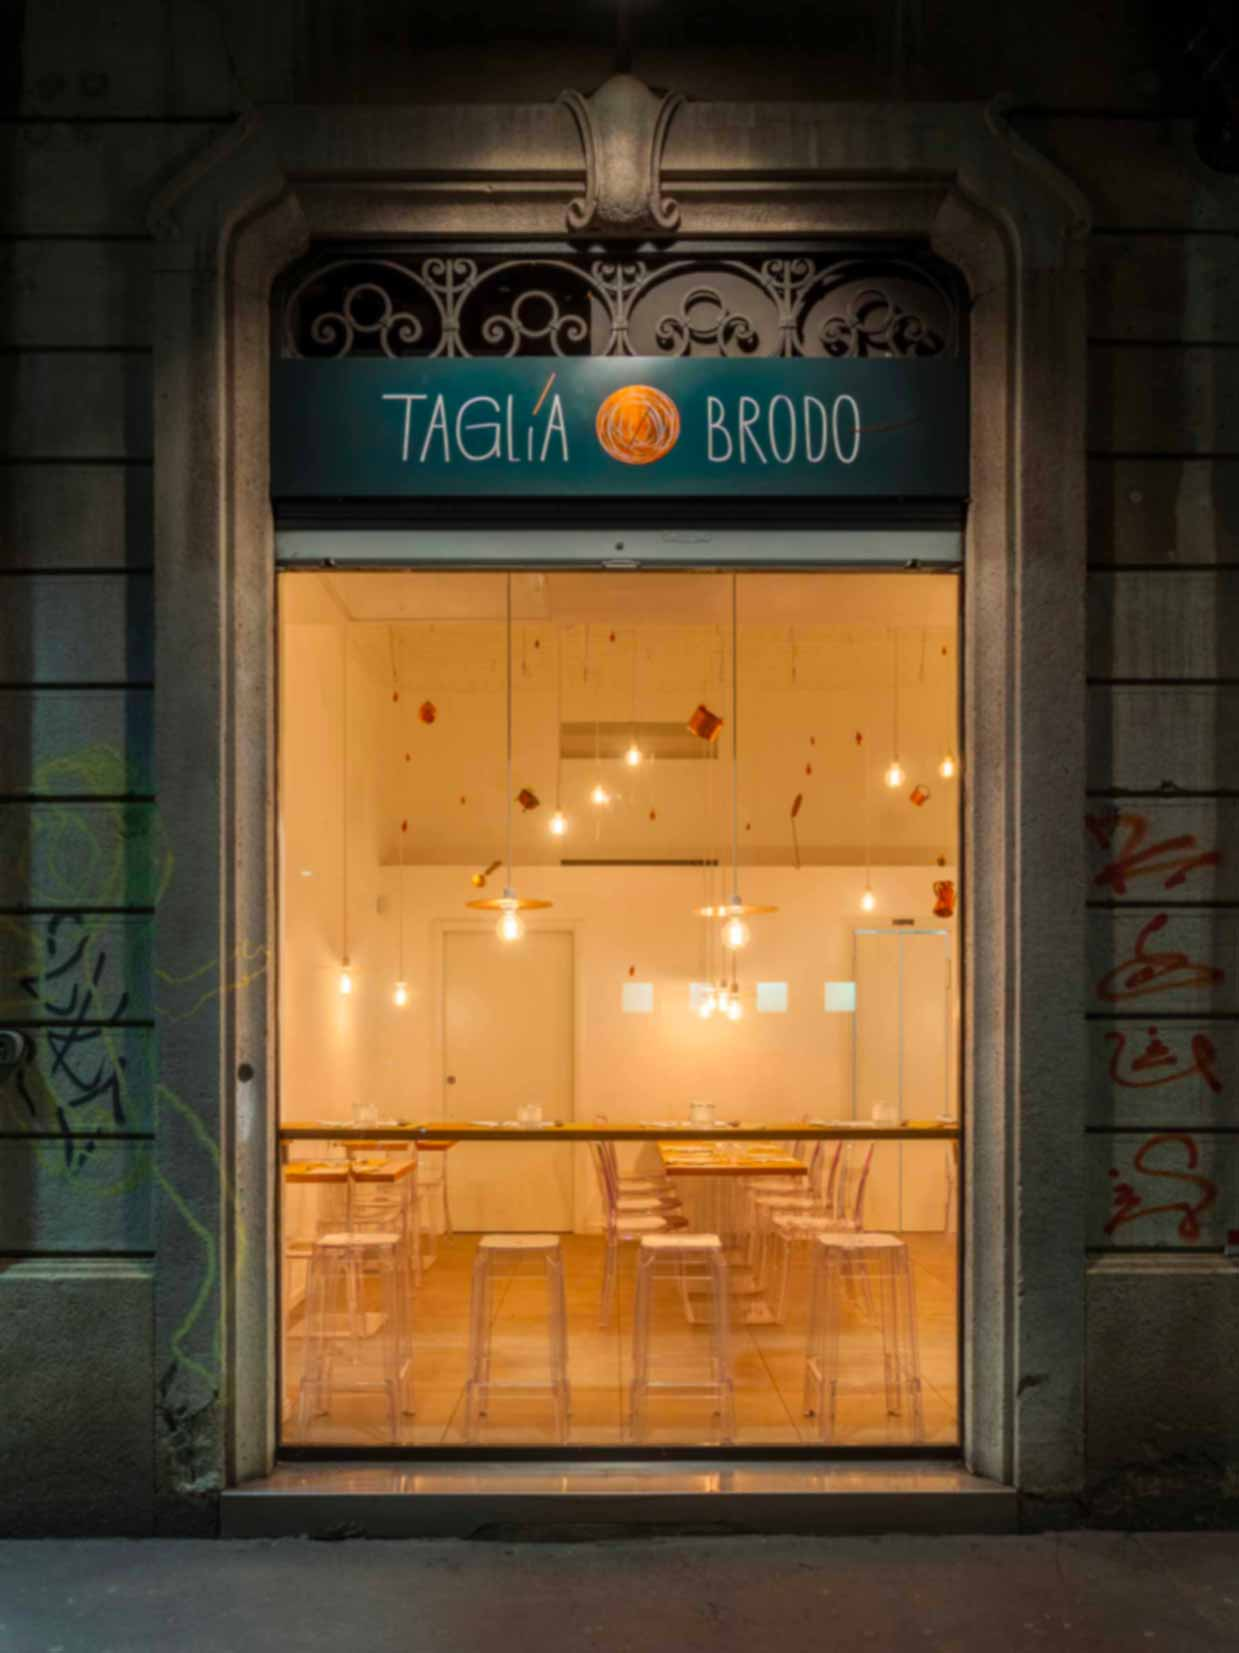 Ristorante Navigli di Milano Tagliabrodo | Zuppe, zupperia e alta cucina sui navigli di Milano | immagine esterni e vetrina